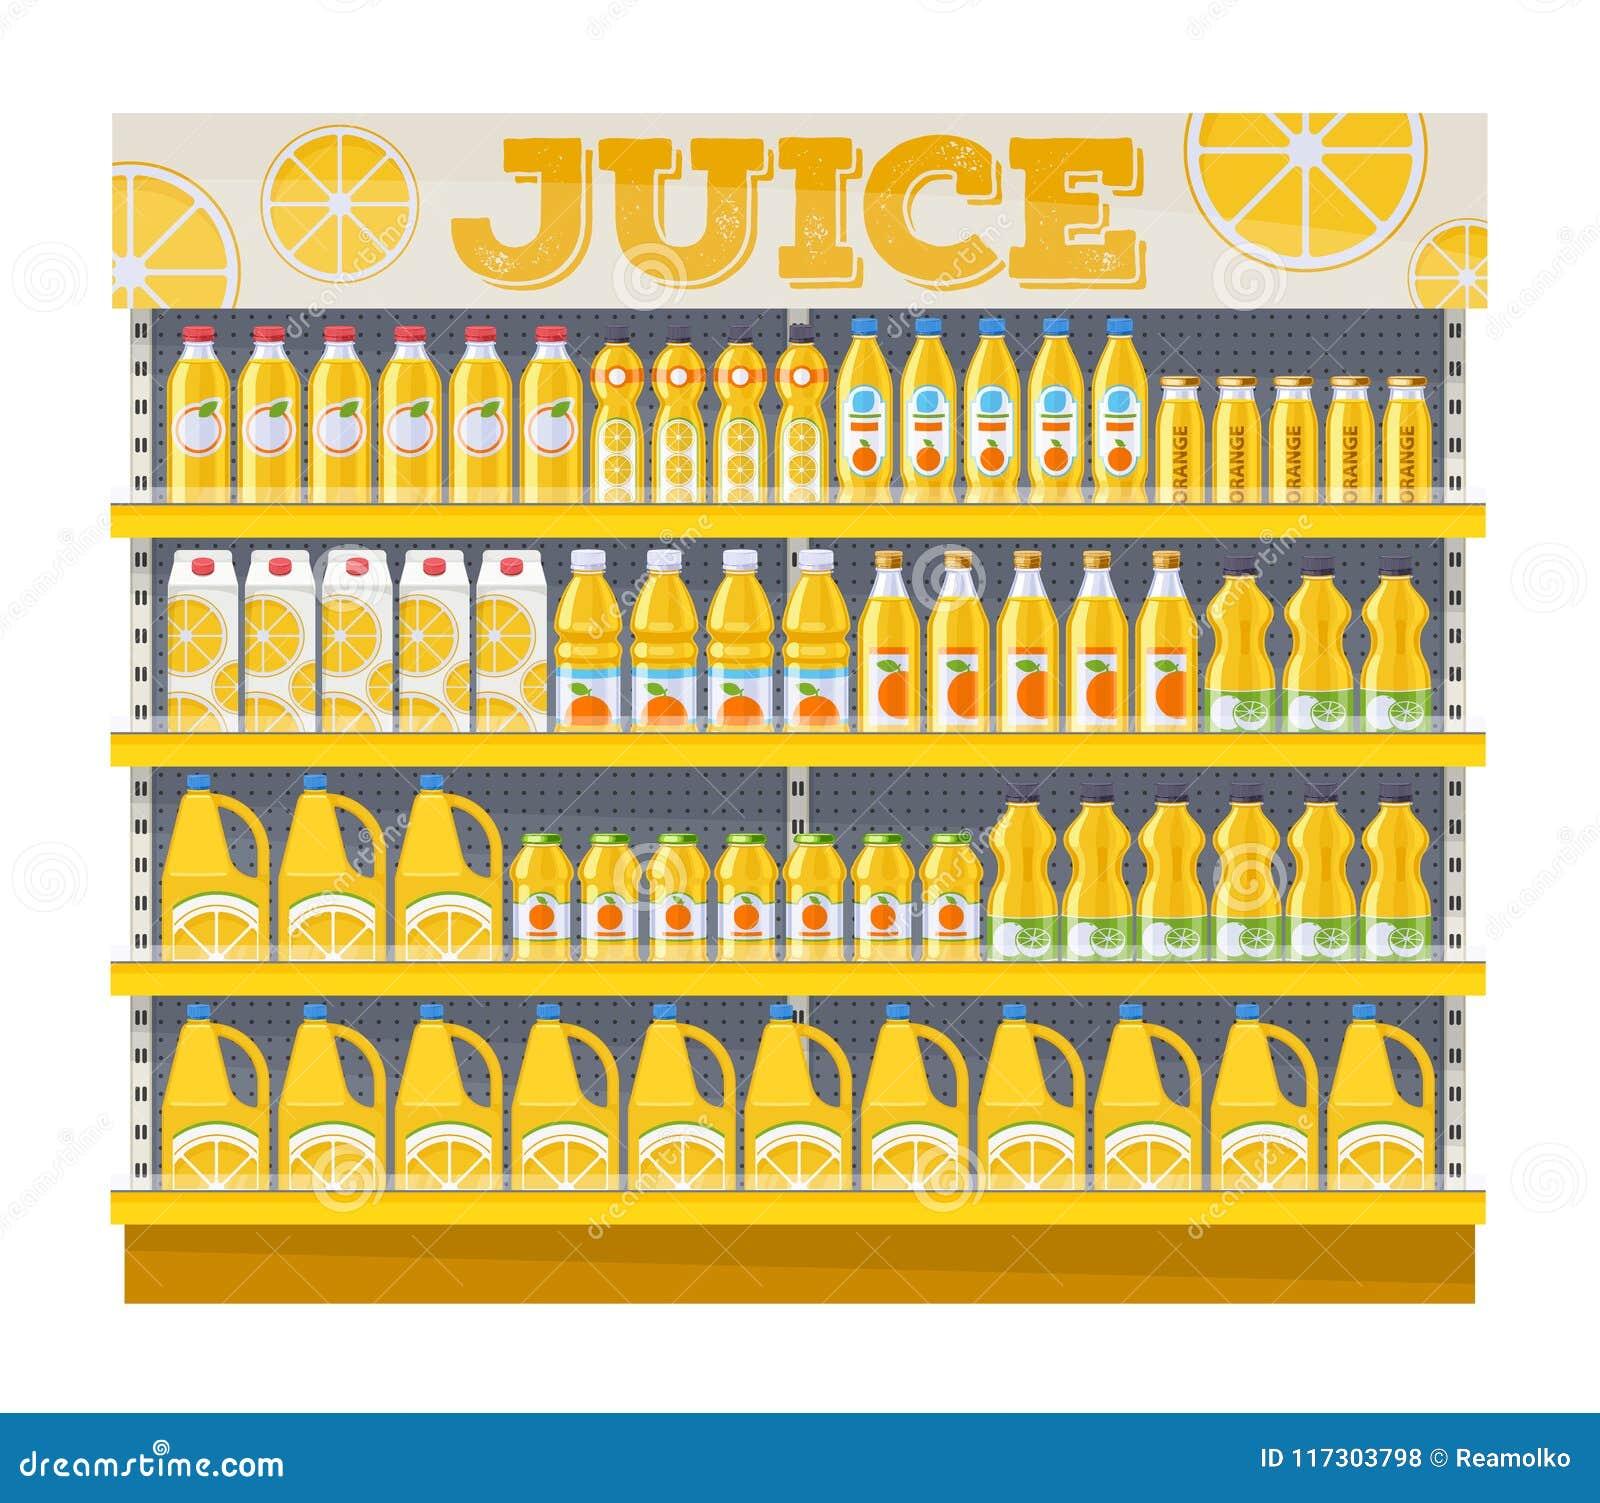 supermarket shelf display with orange juice stock vector